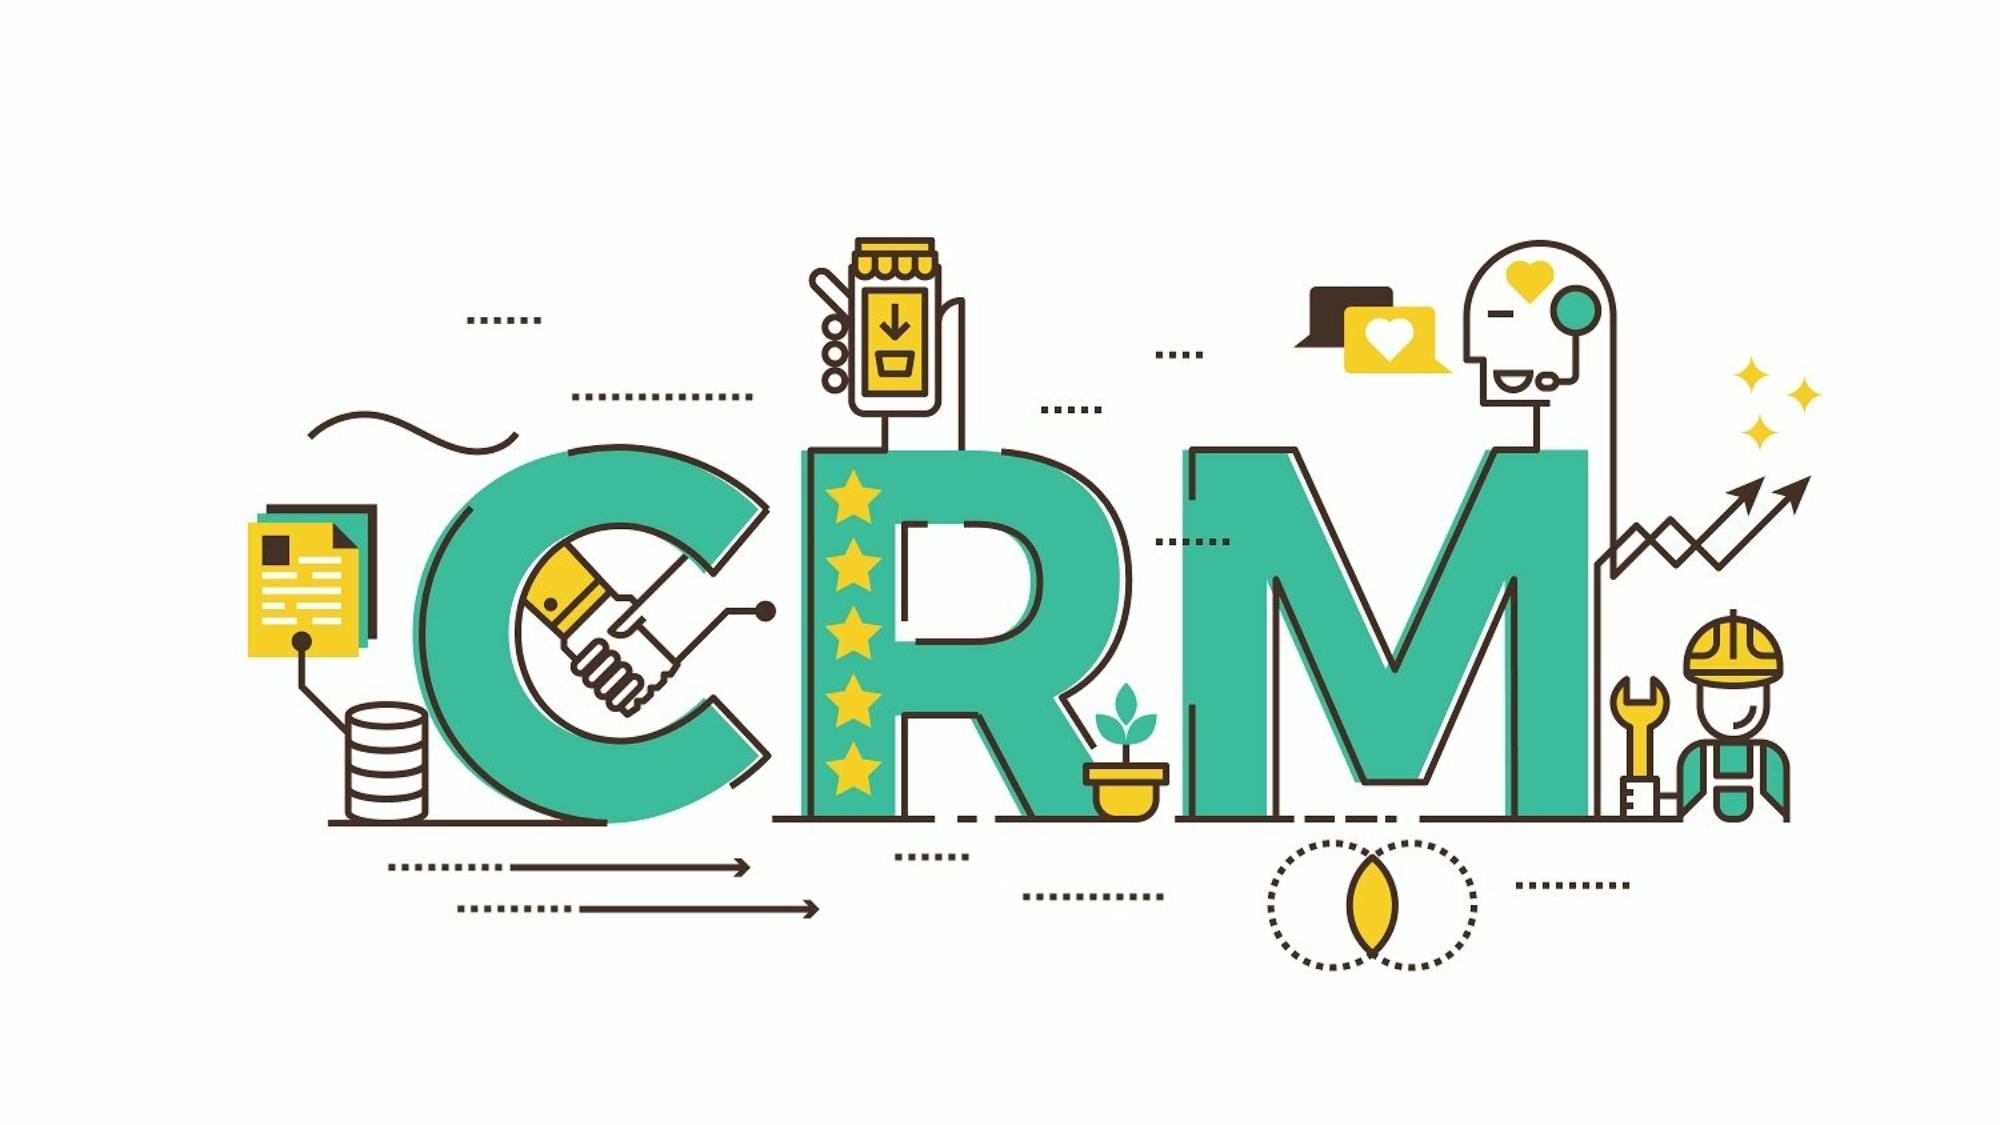 Ce este un CRM si cum te pot ajuta aceste solutii CRM